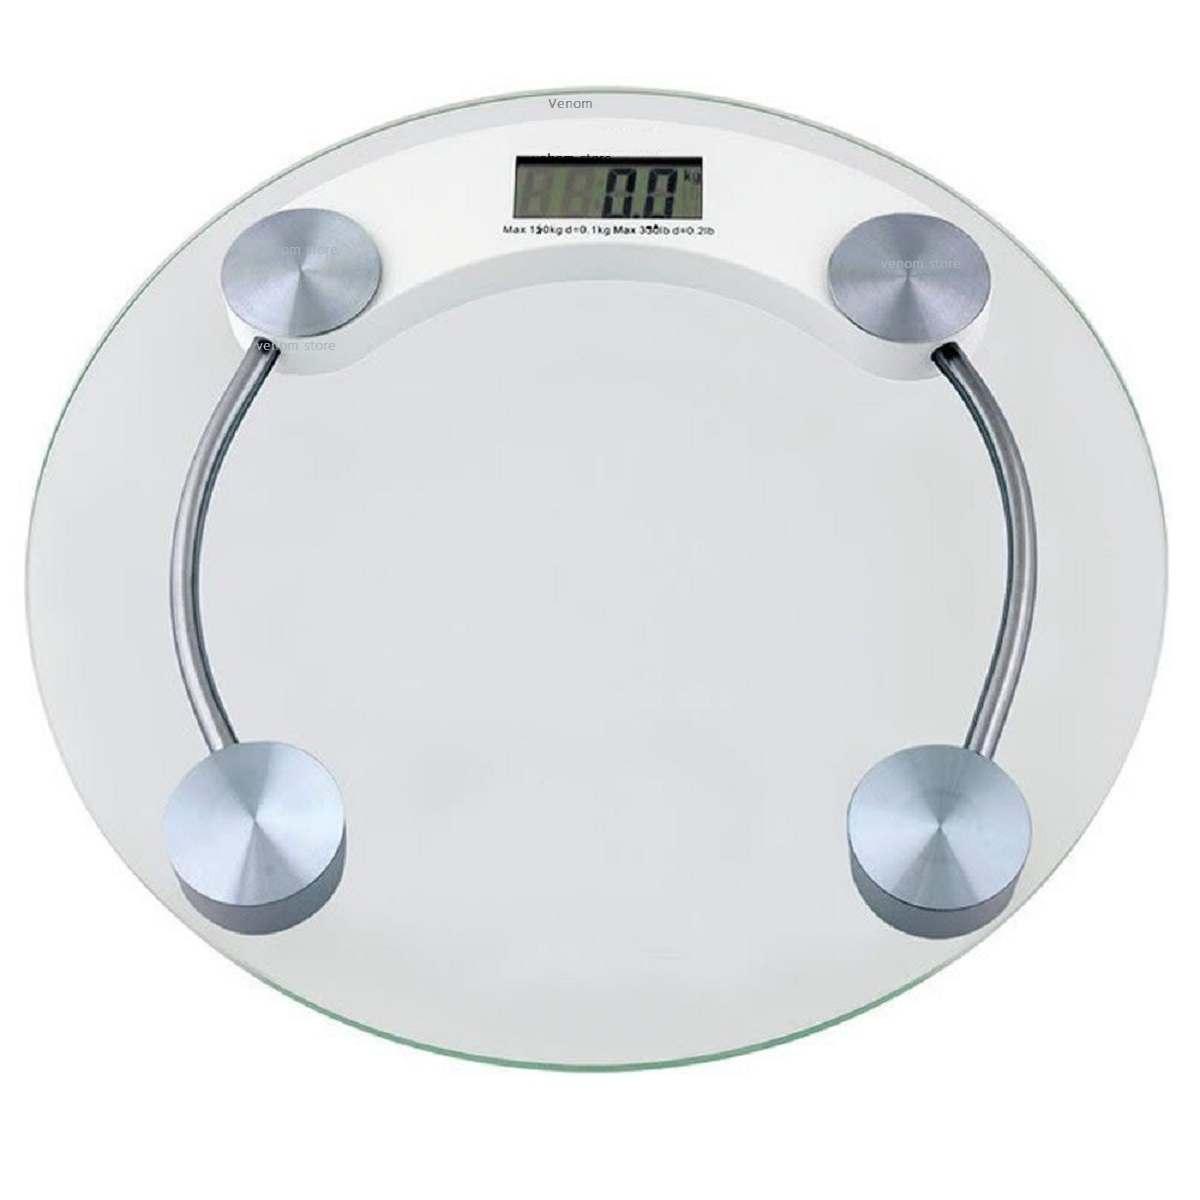 Balança Corporal Digital de Vidro Para Banheiro Consultórios 180Kg Personal Scale